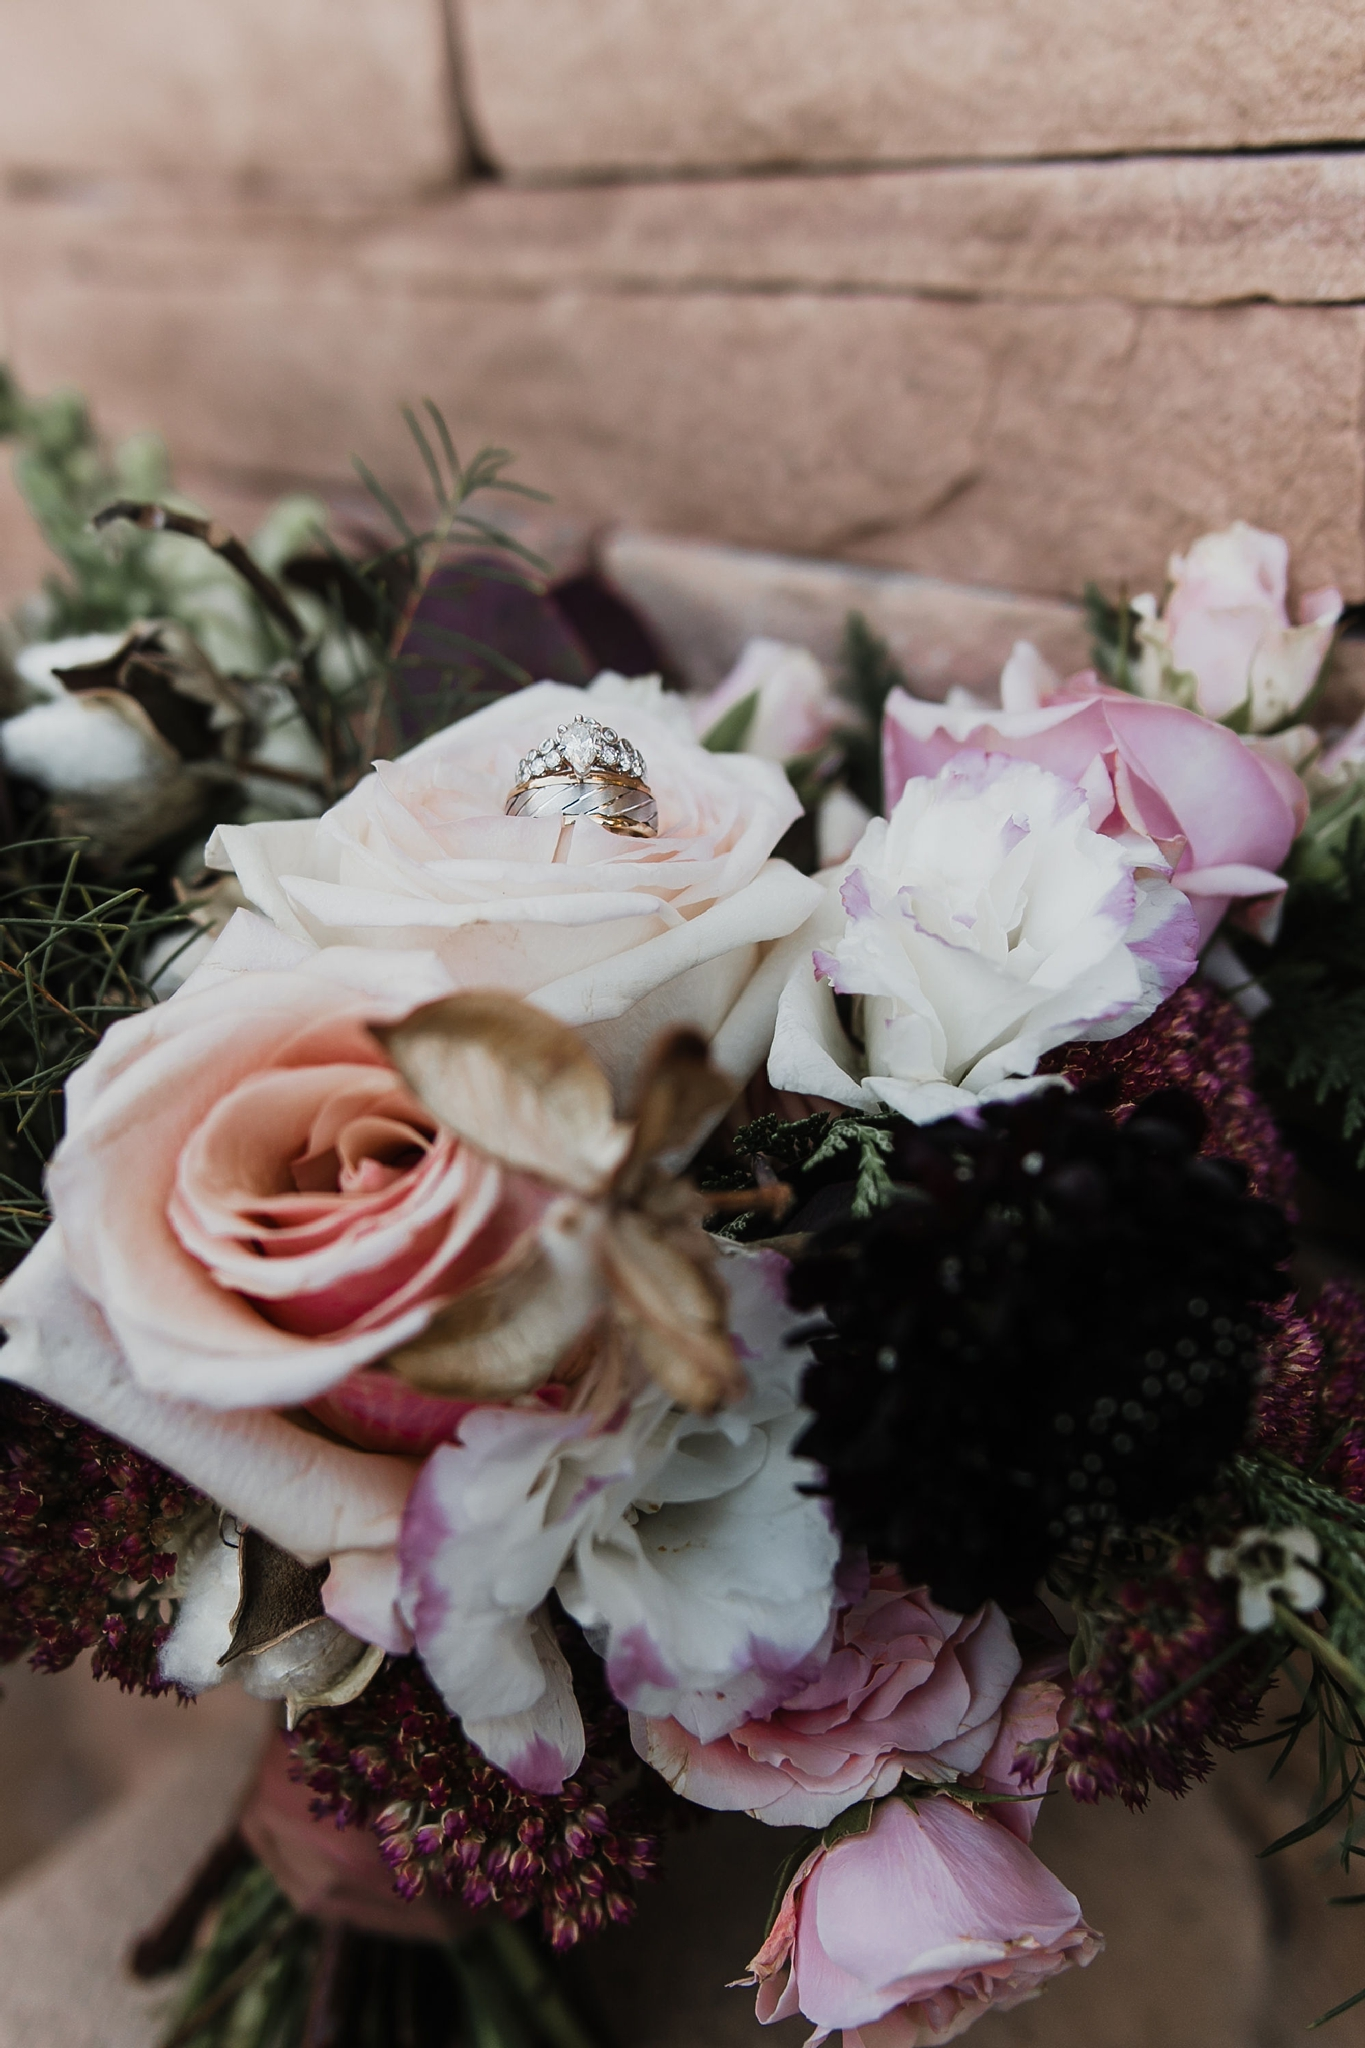 Alicia+lucia+photography+-+albuquerque+wedding+photographer+-+santa+fe+wedding+photography+-+new+mexico+wedding+photographer+-+new+mexico+wedding+-+wedding+photographer+-+wedding+photographer+team_0096.jpg